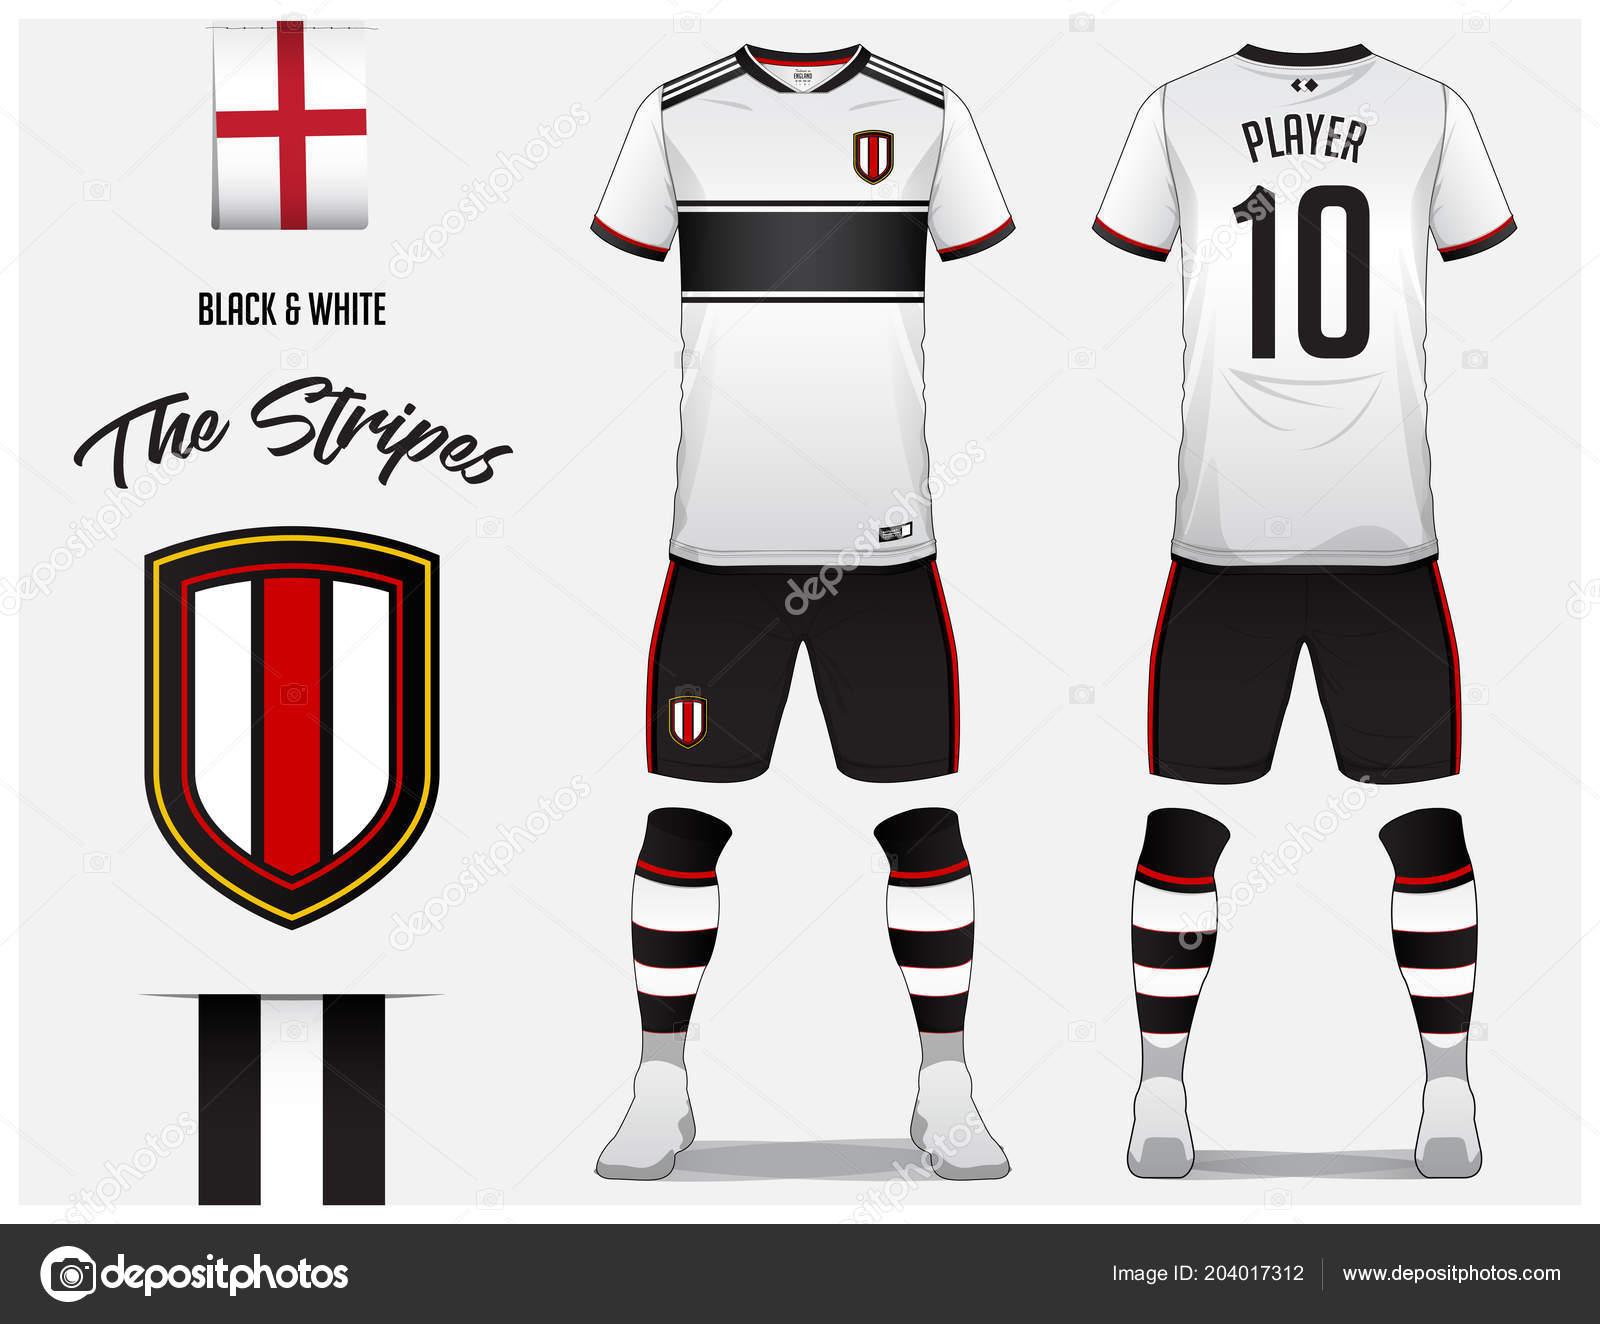 Fútbol jersey fútbol kit plantilla o para club de fútbol. Blanco y negro y  camiseta de fútbol con el calcetín de rayas corto simulado para arriba. 632810f5e2693